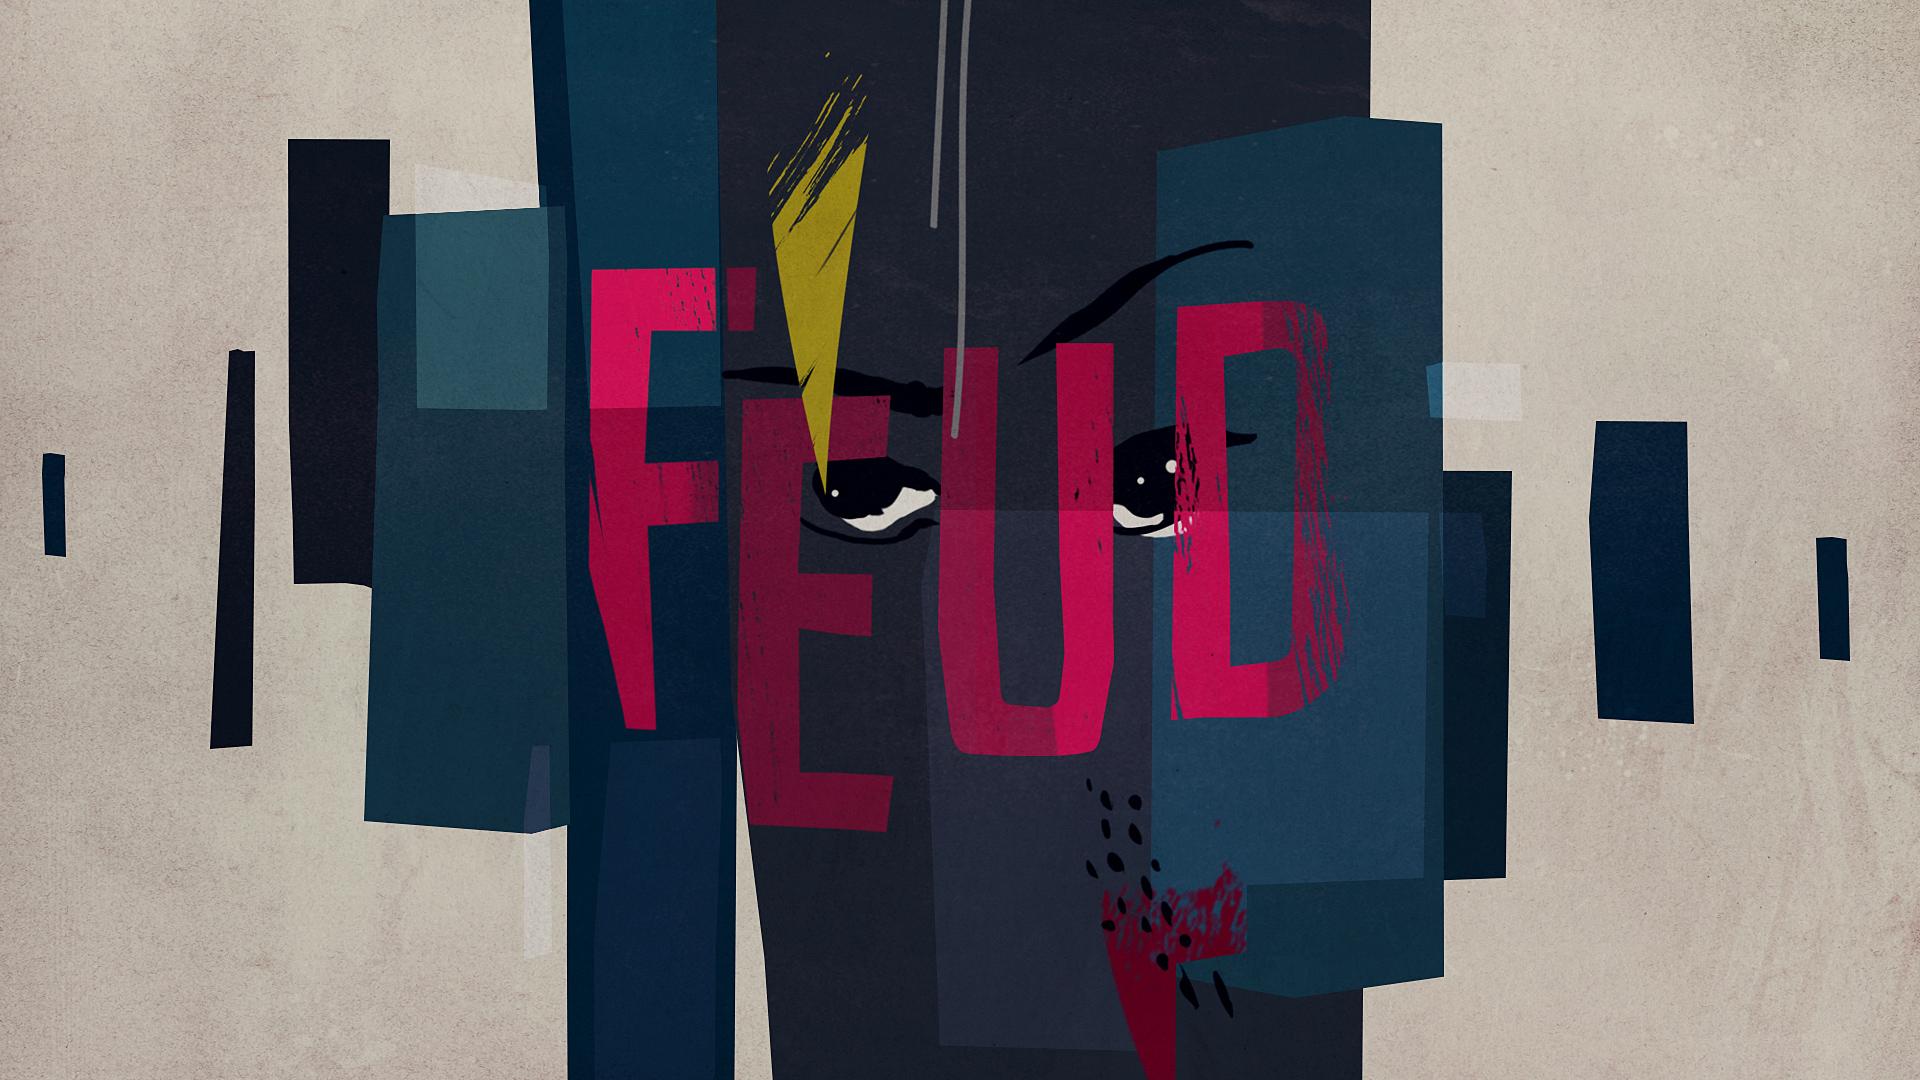 FEUD_frame_v1_6.jpg